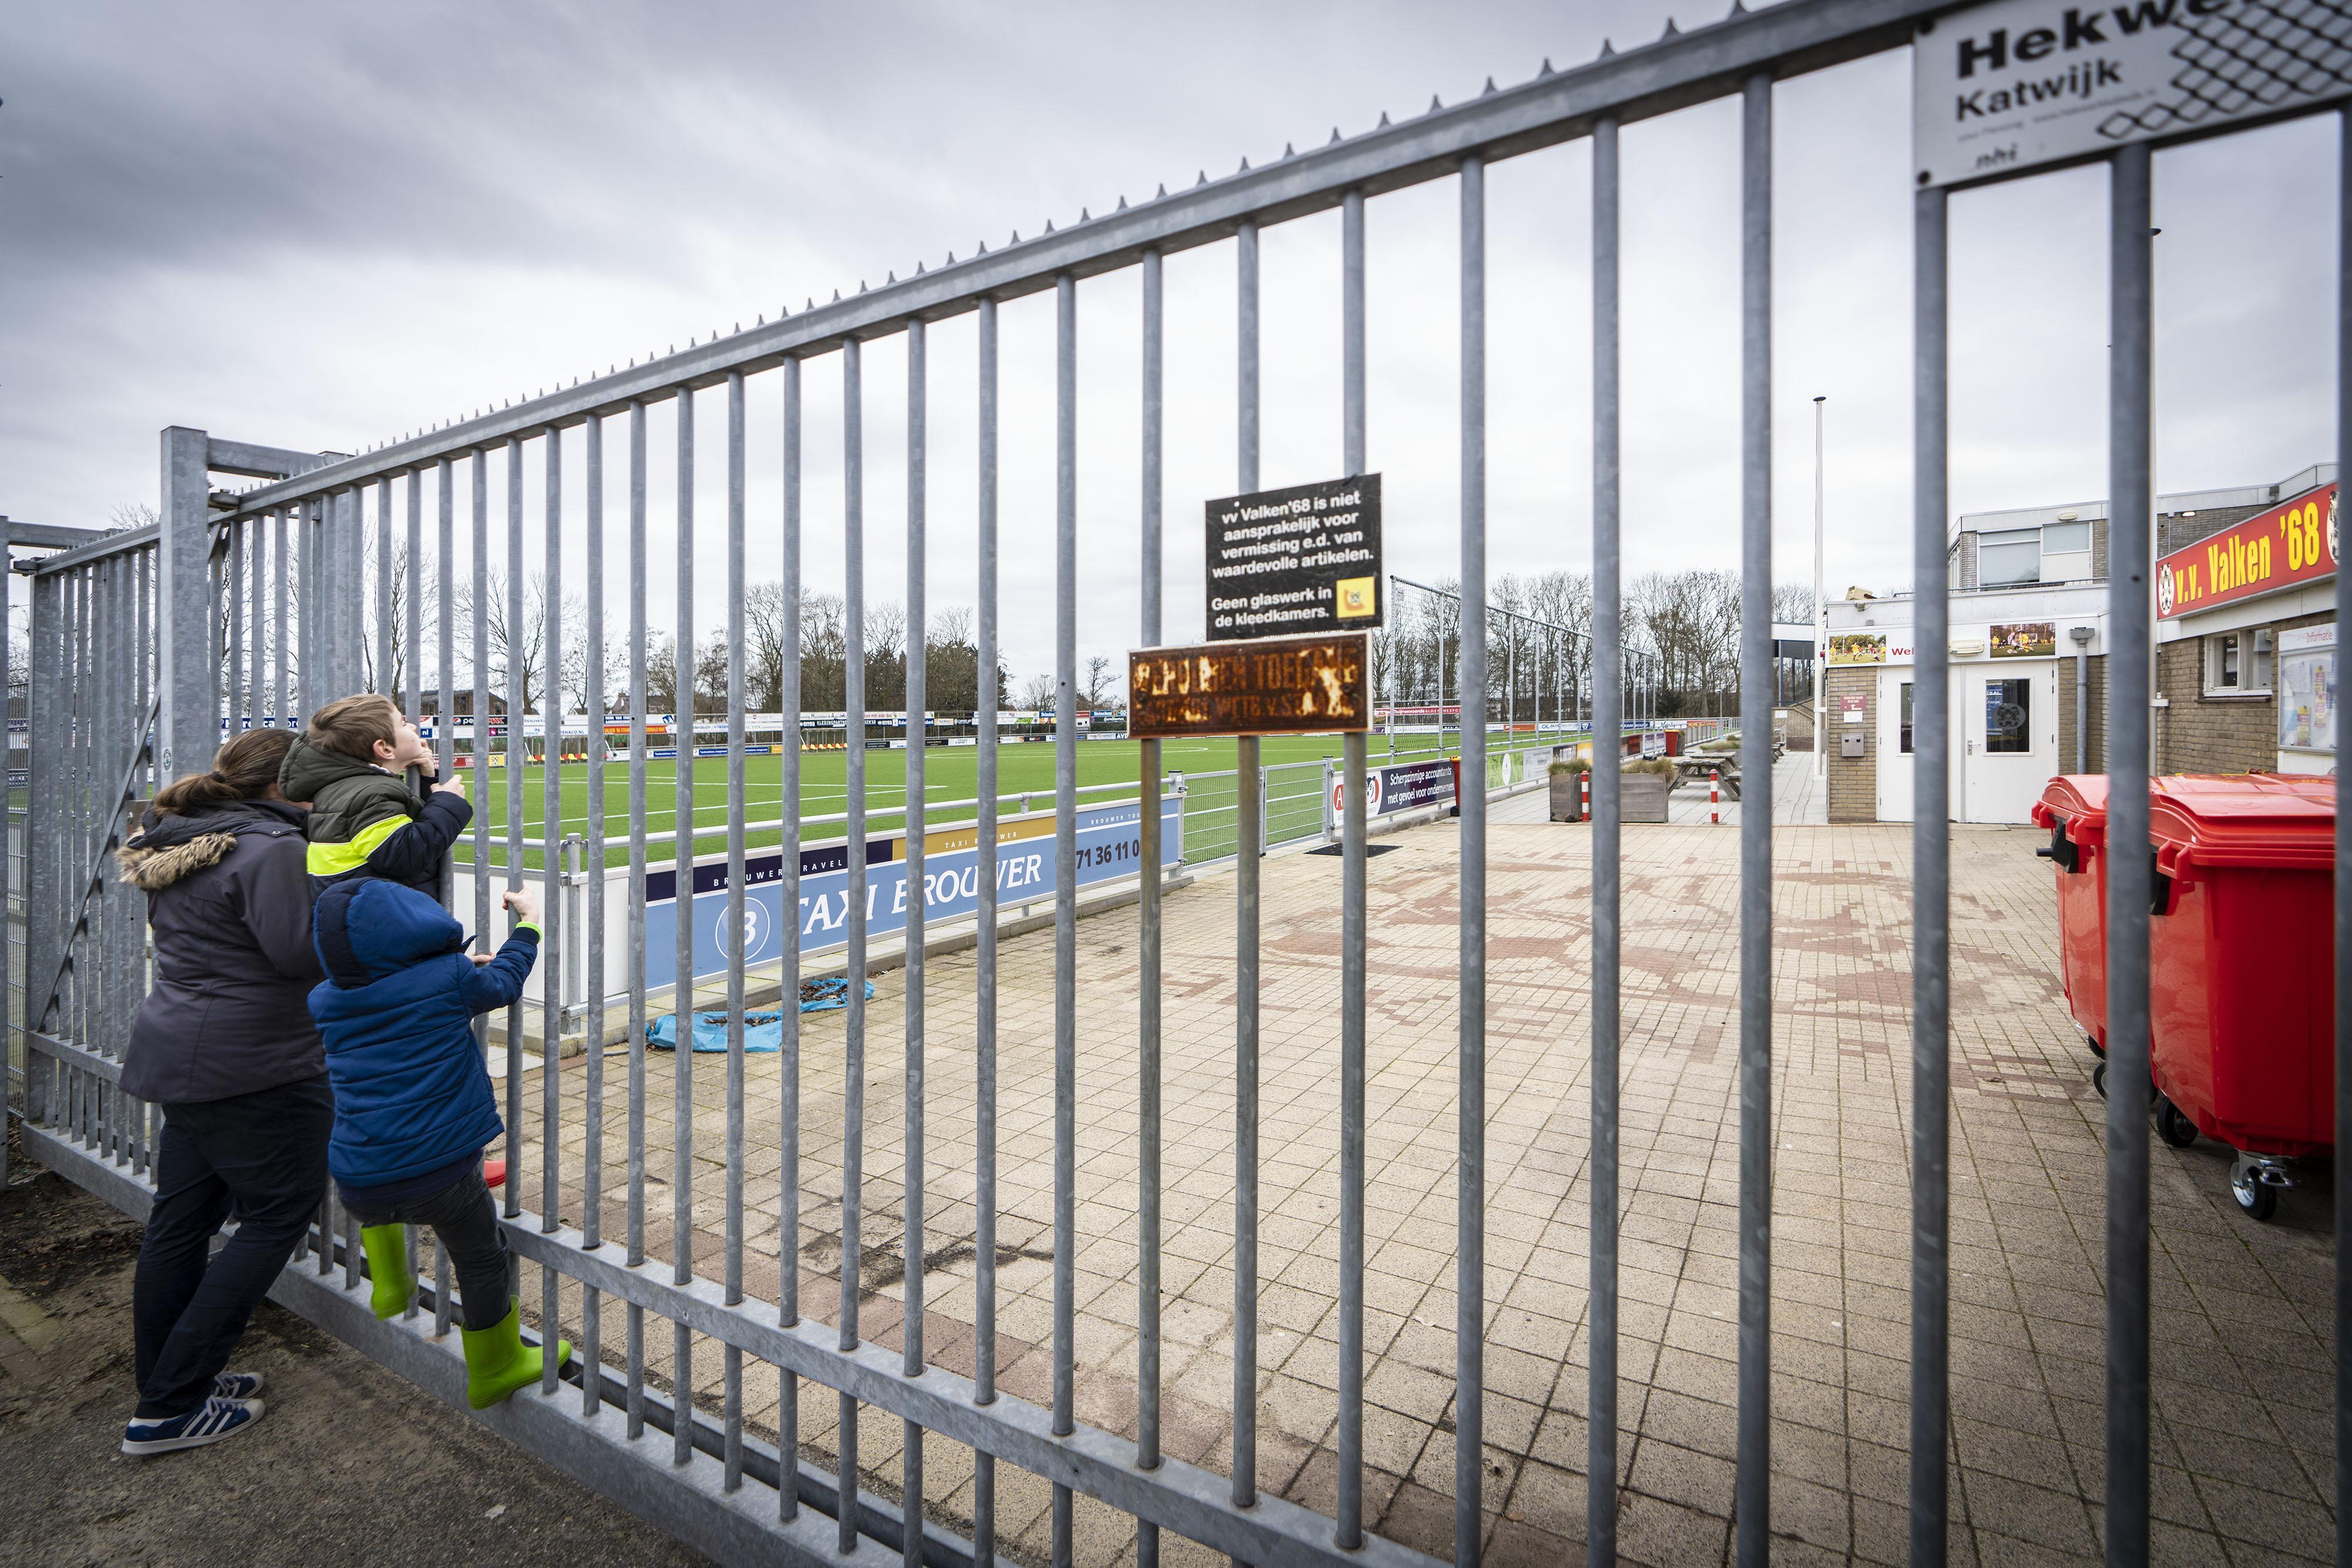 Katwijkse voetbalclubs vragen gemeente gezamenlijk om kwijtschelding van een jaar veldhuur: 'Het houdt echt een keer op'